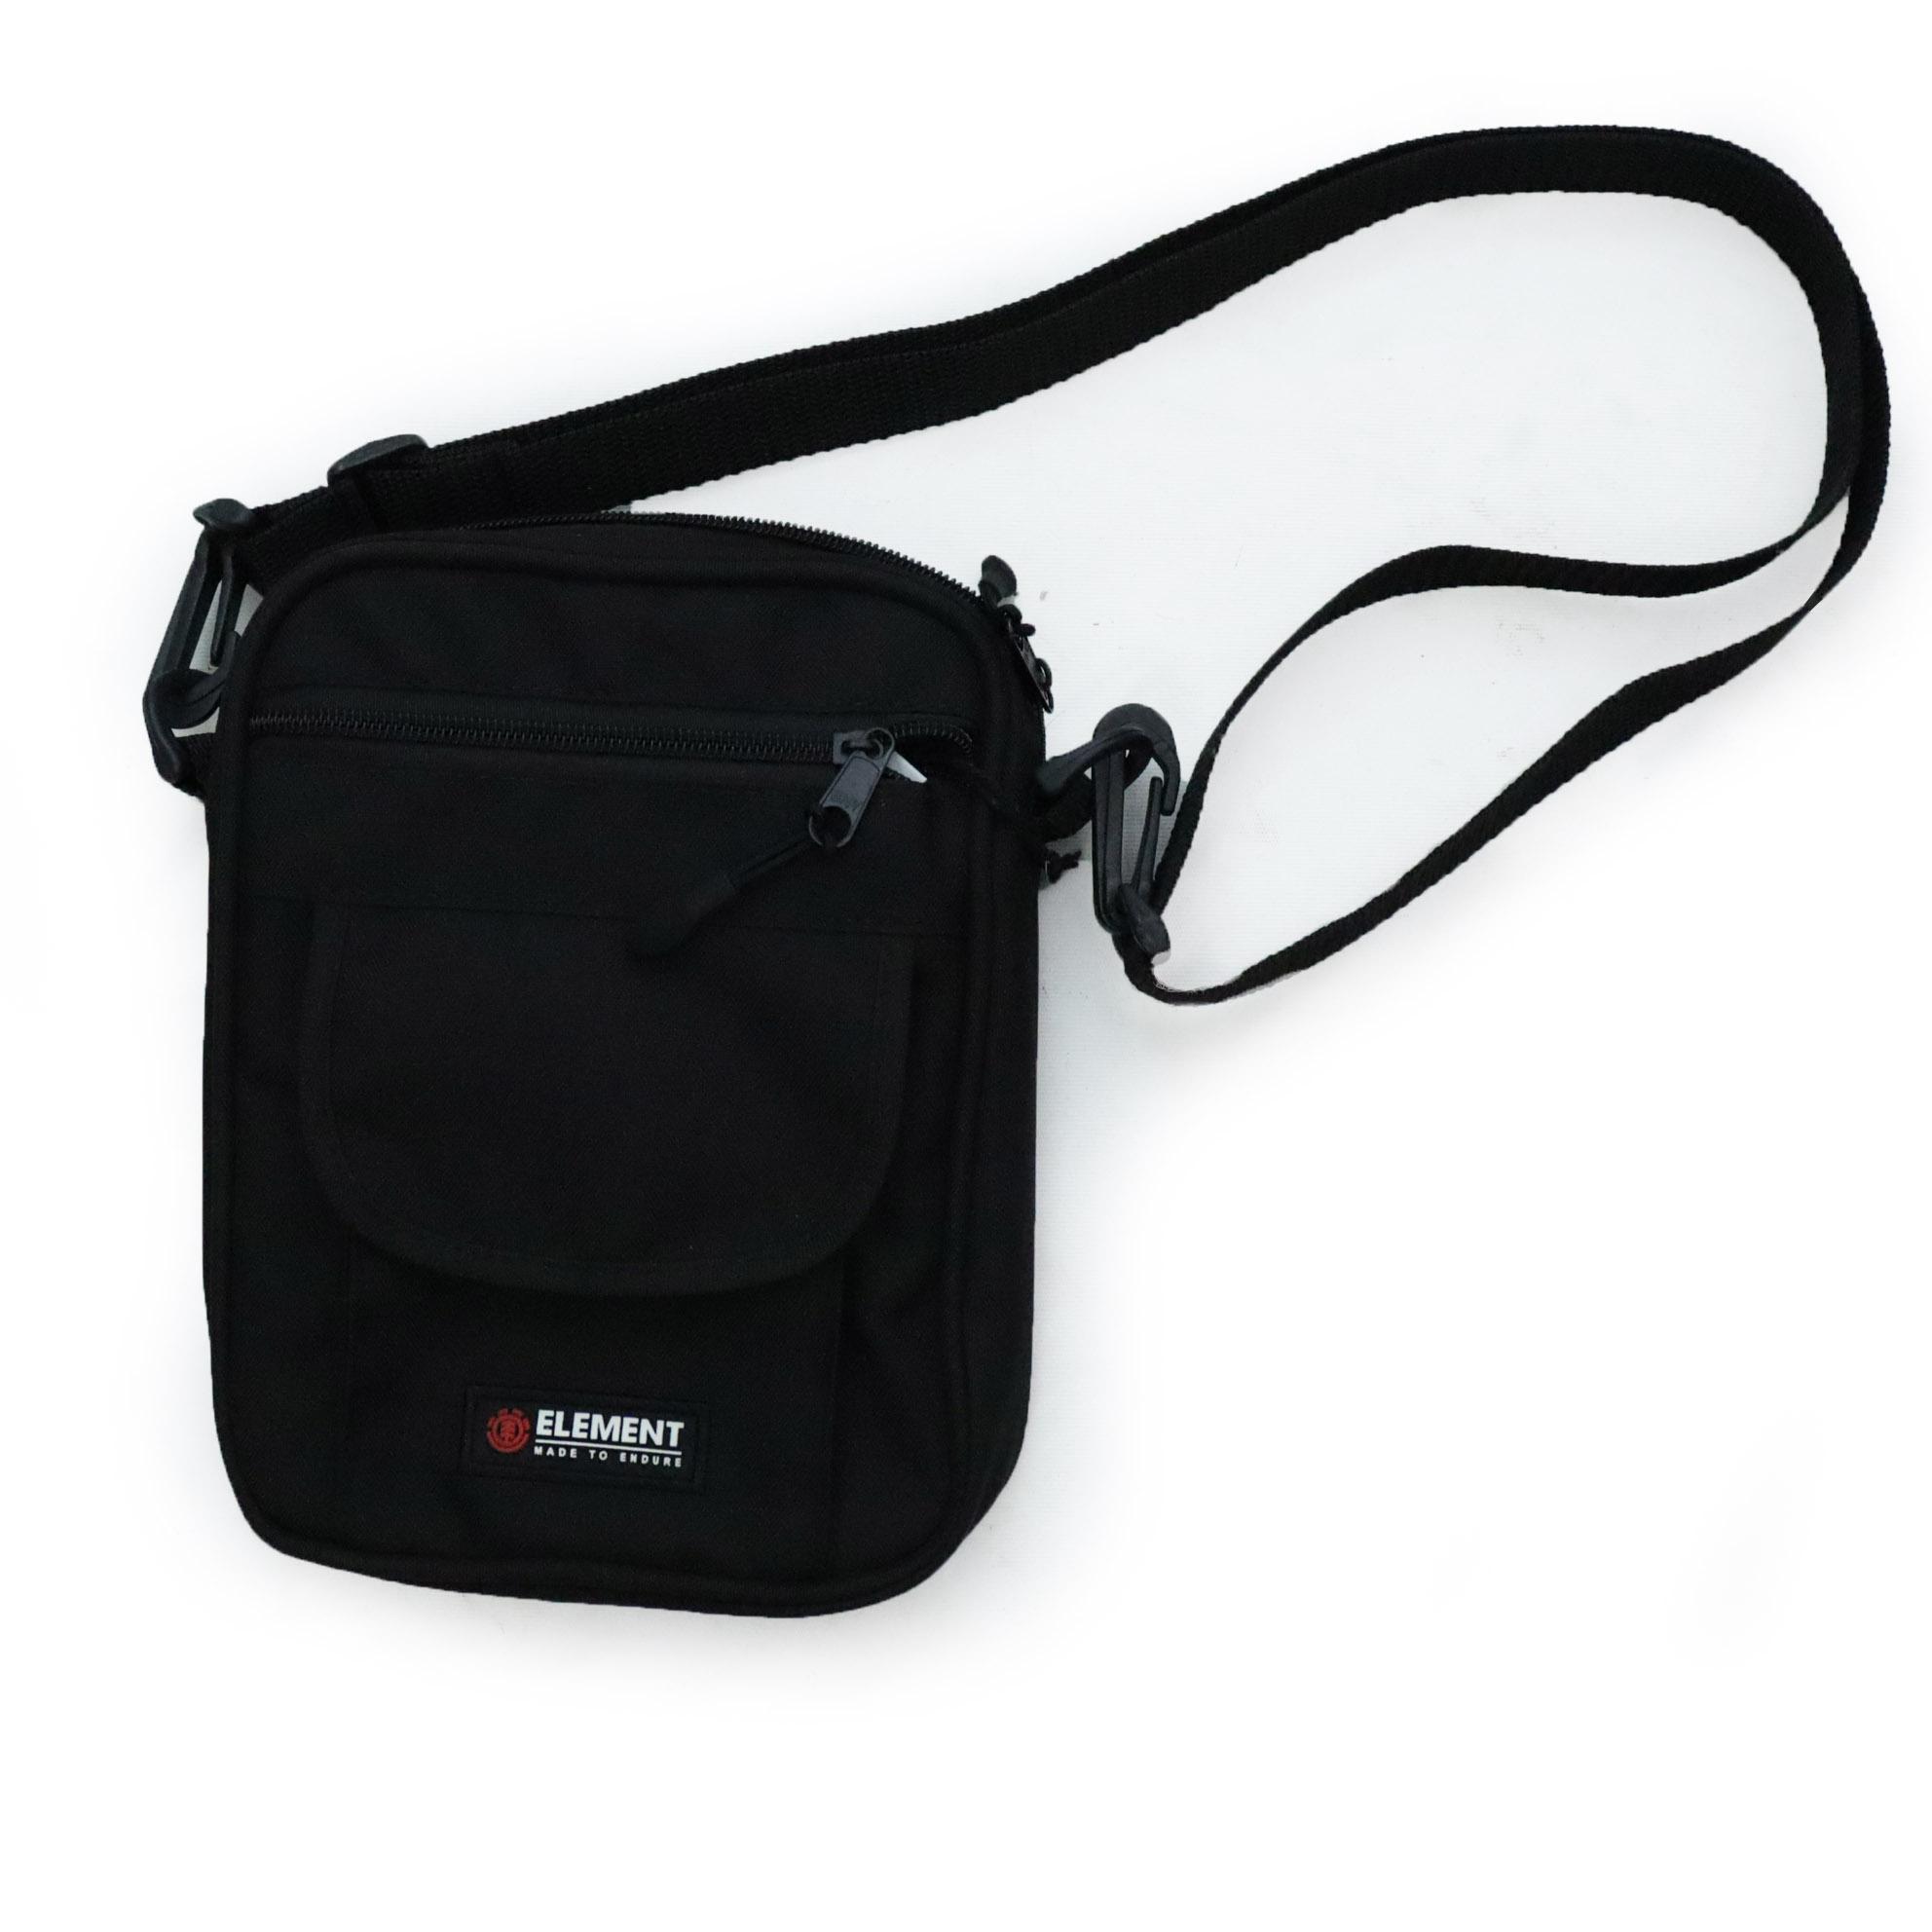 Shoulder Bag Element Road Trip - Preto